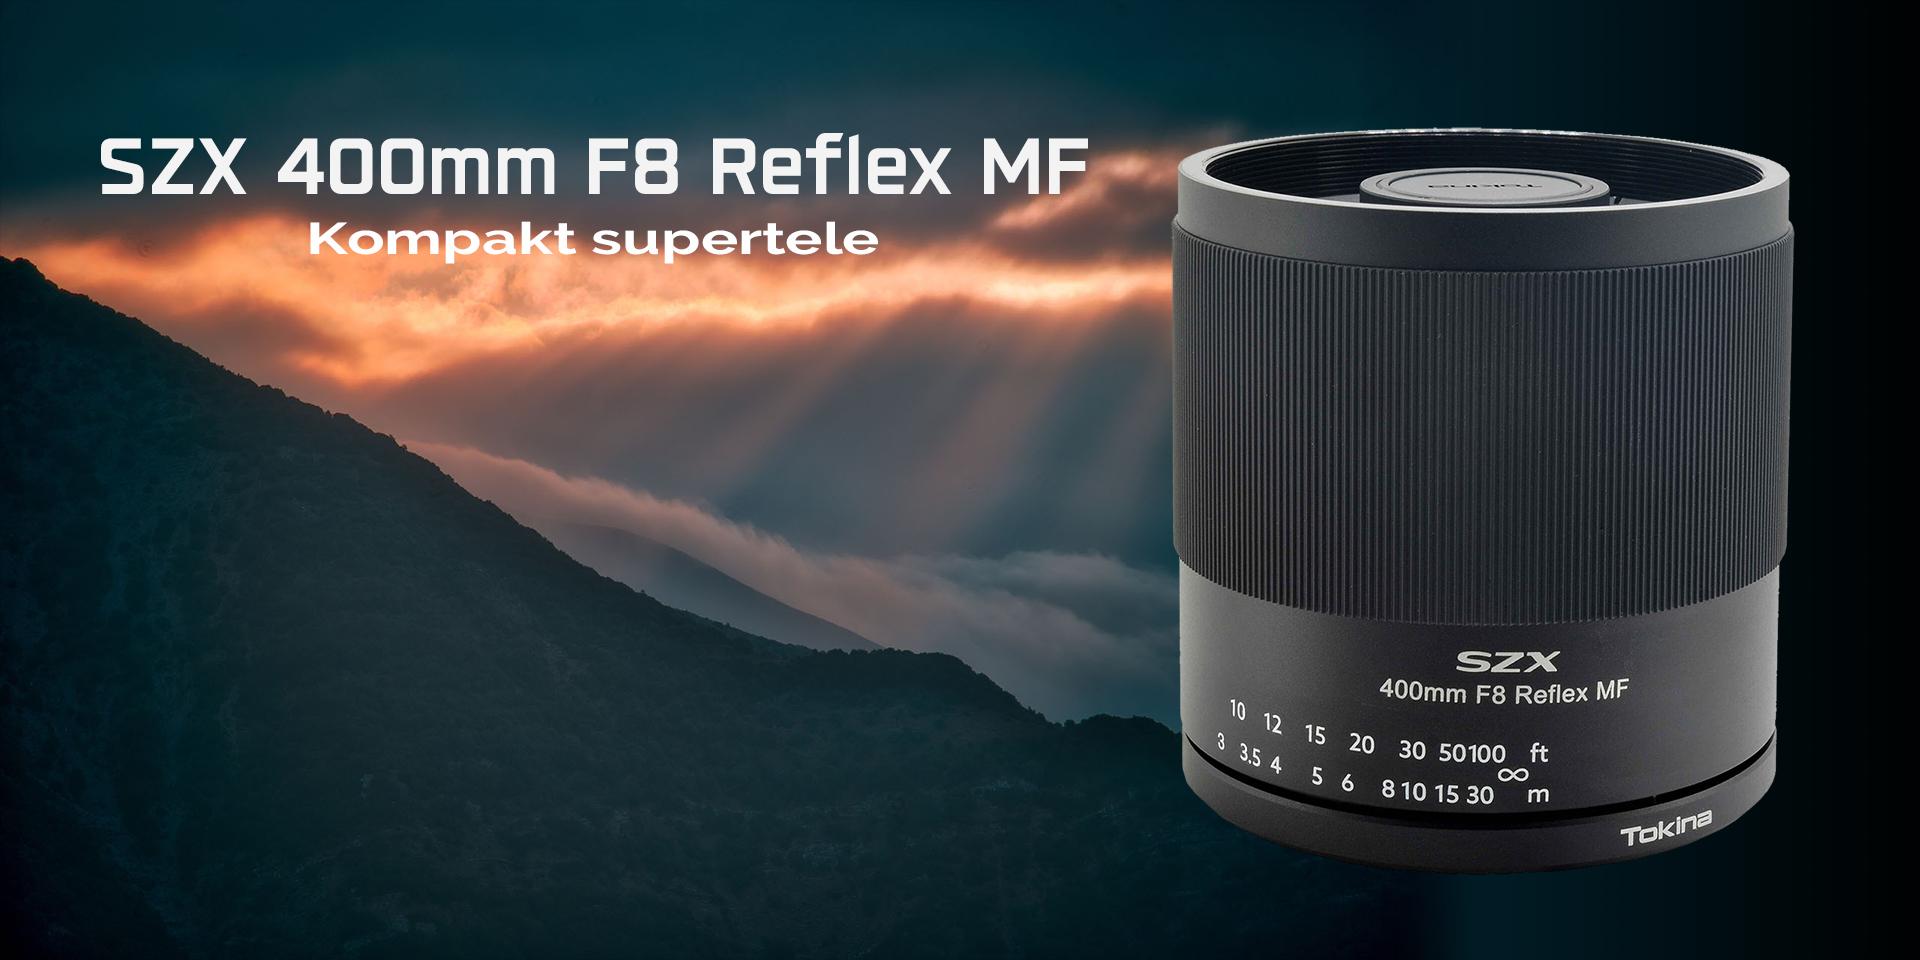 Permalänk till:Tokina SZX 400mm f/8 Reflex MF